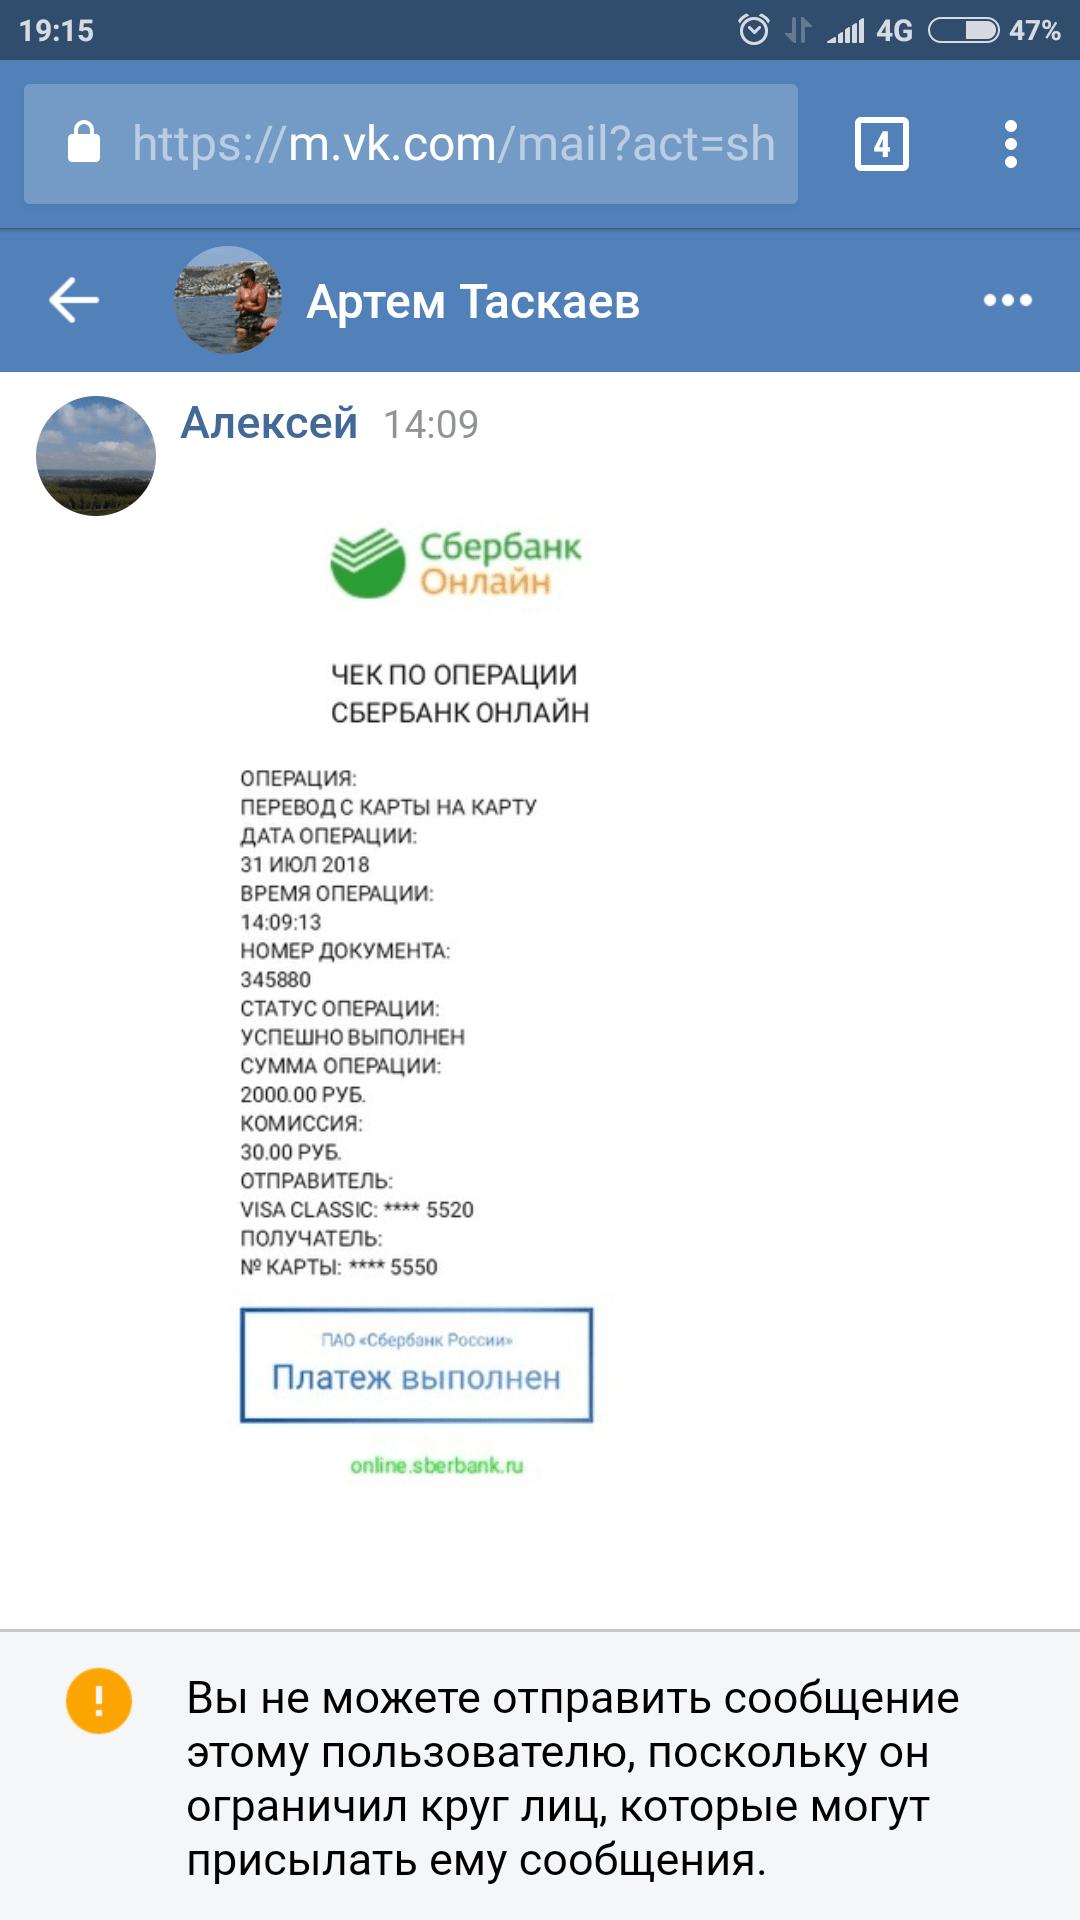 Обзор сайта прогнозов на спорт Baumanteam